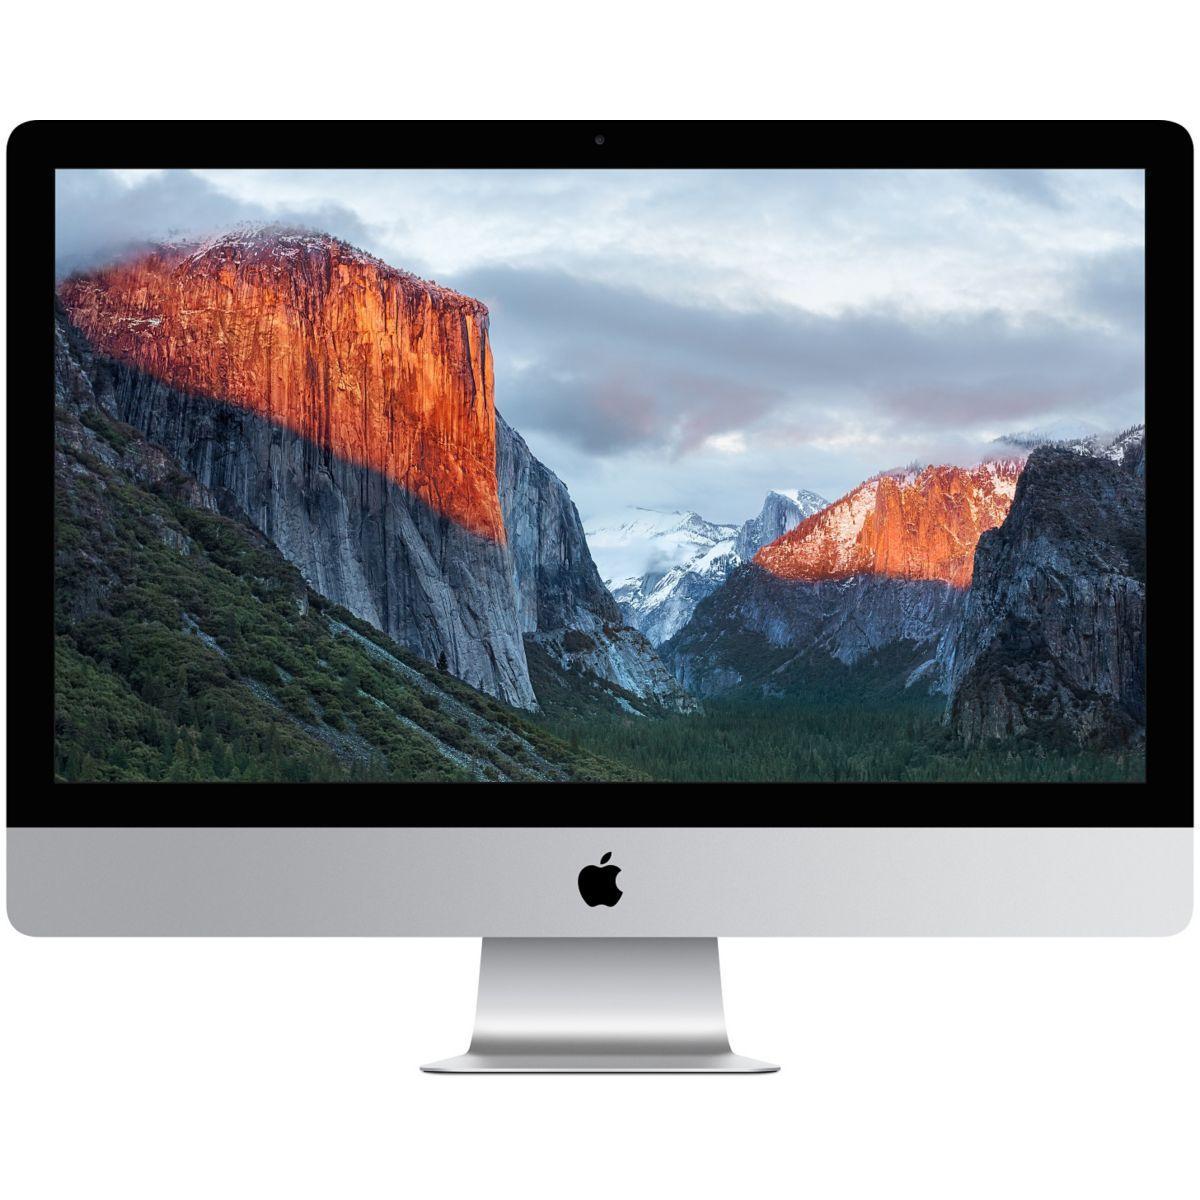 Apple imac 27 retina 5k i7 4ghz 1to flash amd r9 m395x (sur mesure) - soldes et bons plans